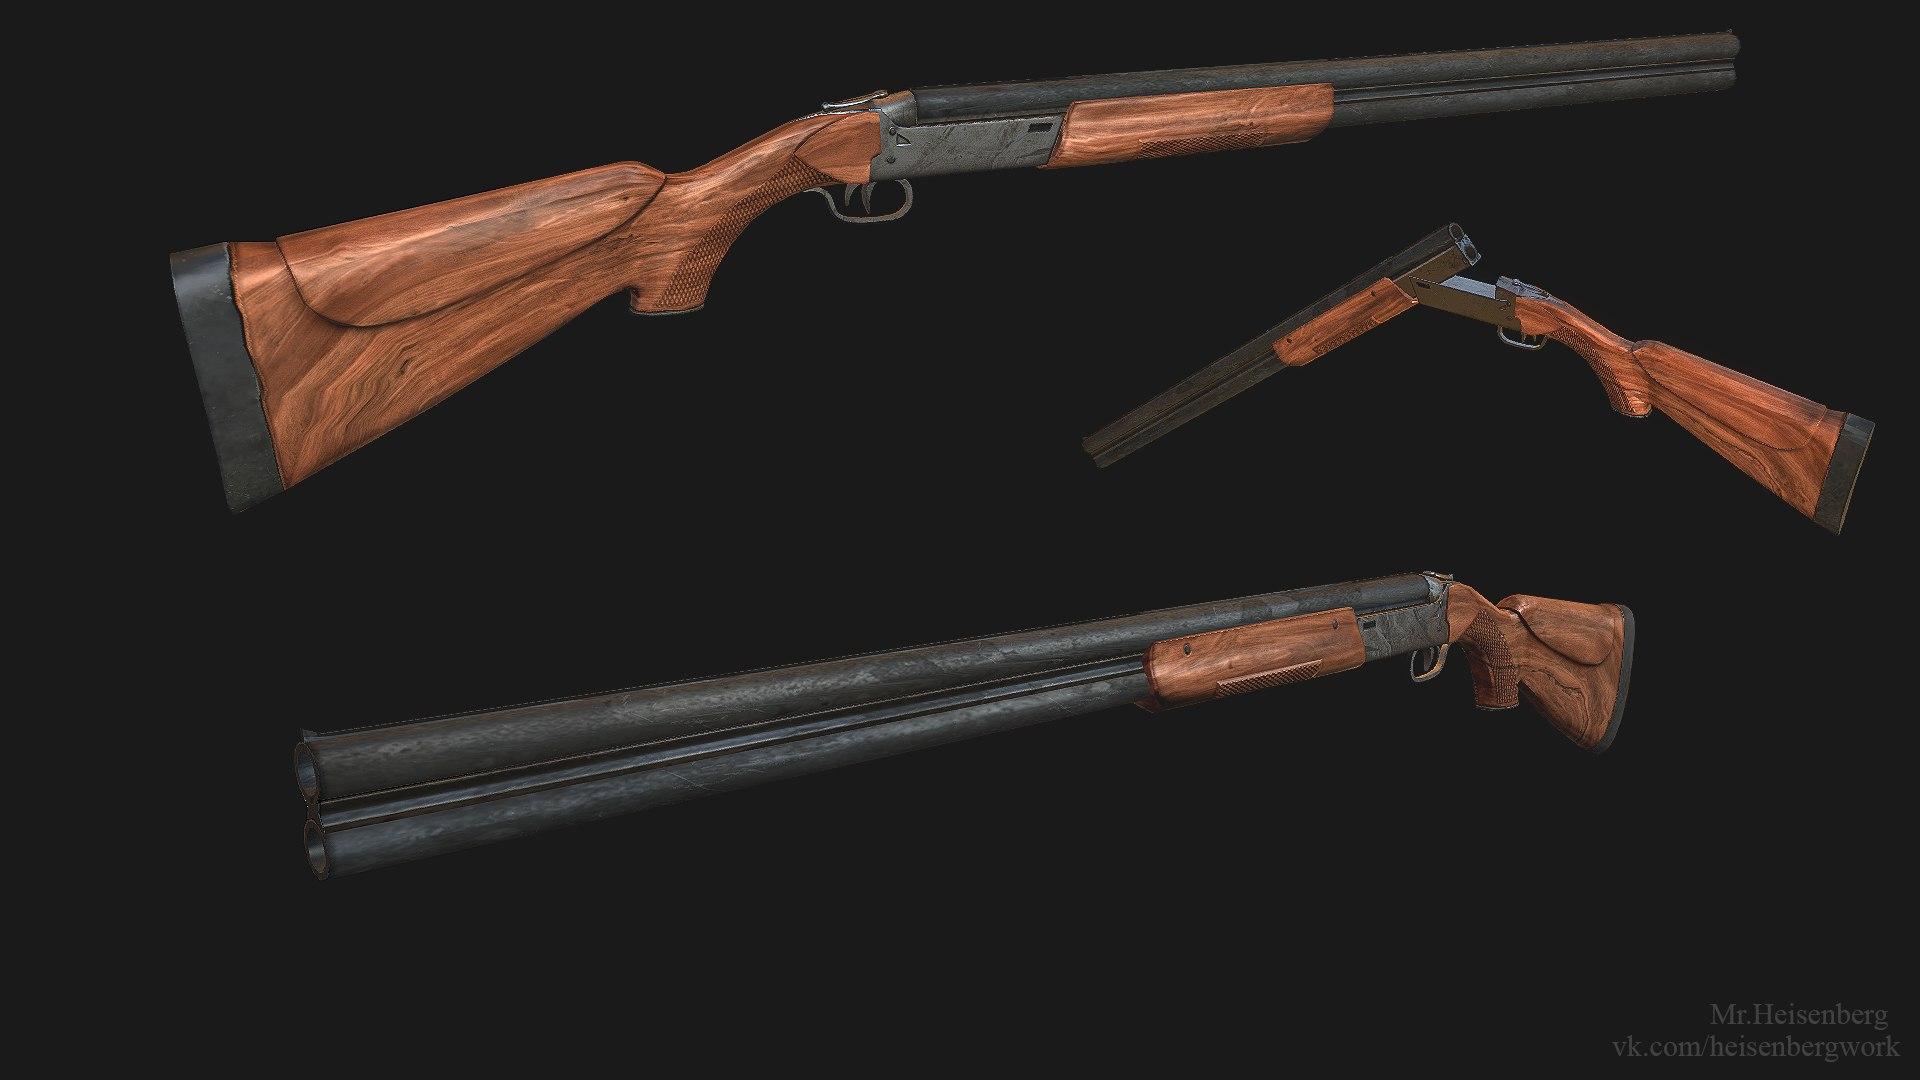 ТОЗ-34 - Next Day: Survival Оружие